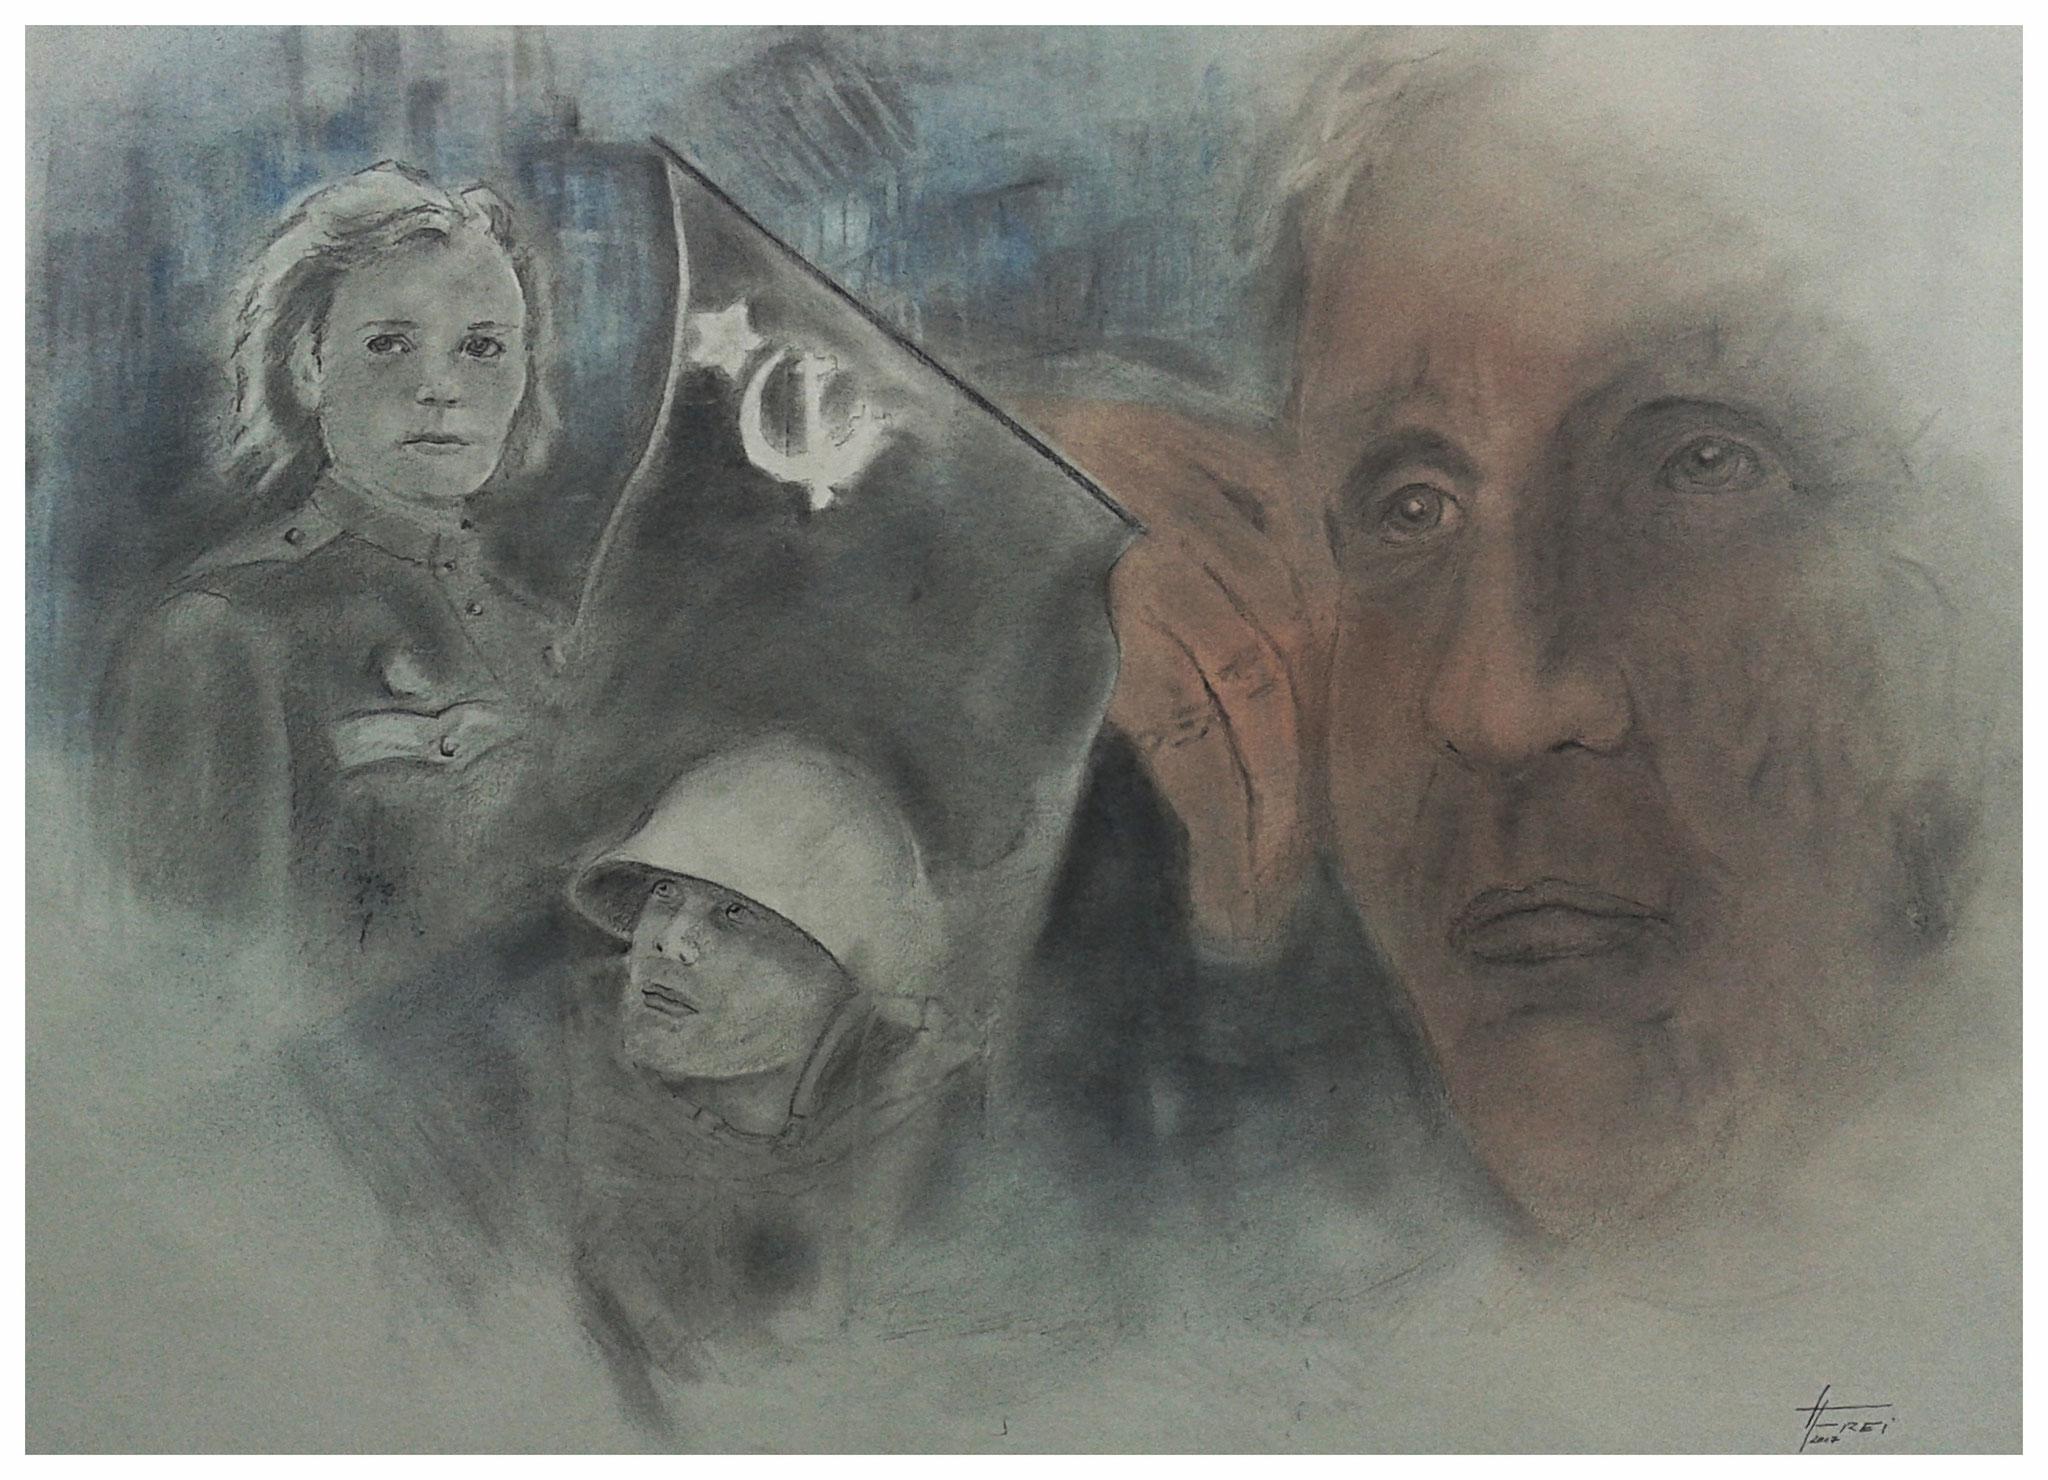 ART HFrei - Schweigen